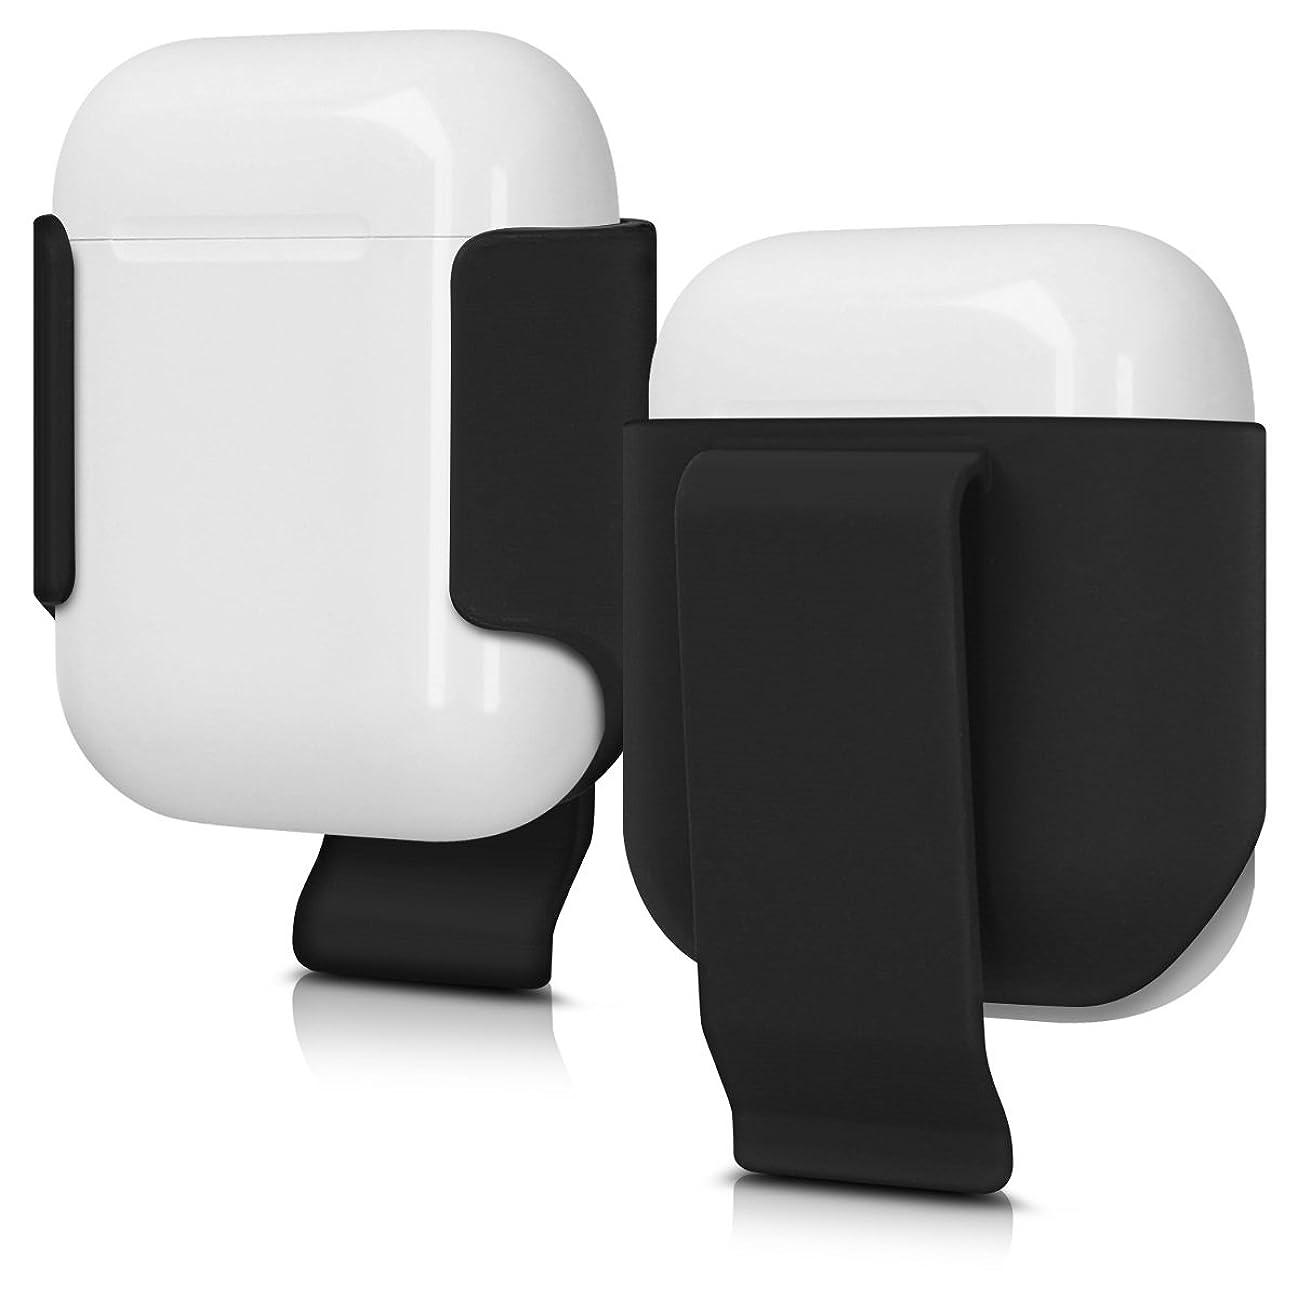 高音パキスタン人コイルkwmobile クリップホルダーApple AirPods用 - ベルトクリップ ホルダー Apple イヤフォン 充電スタンド - 保護ケース カバー ケースカバー ベルト ホルスター黒色 エアポッド